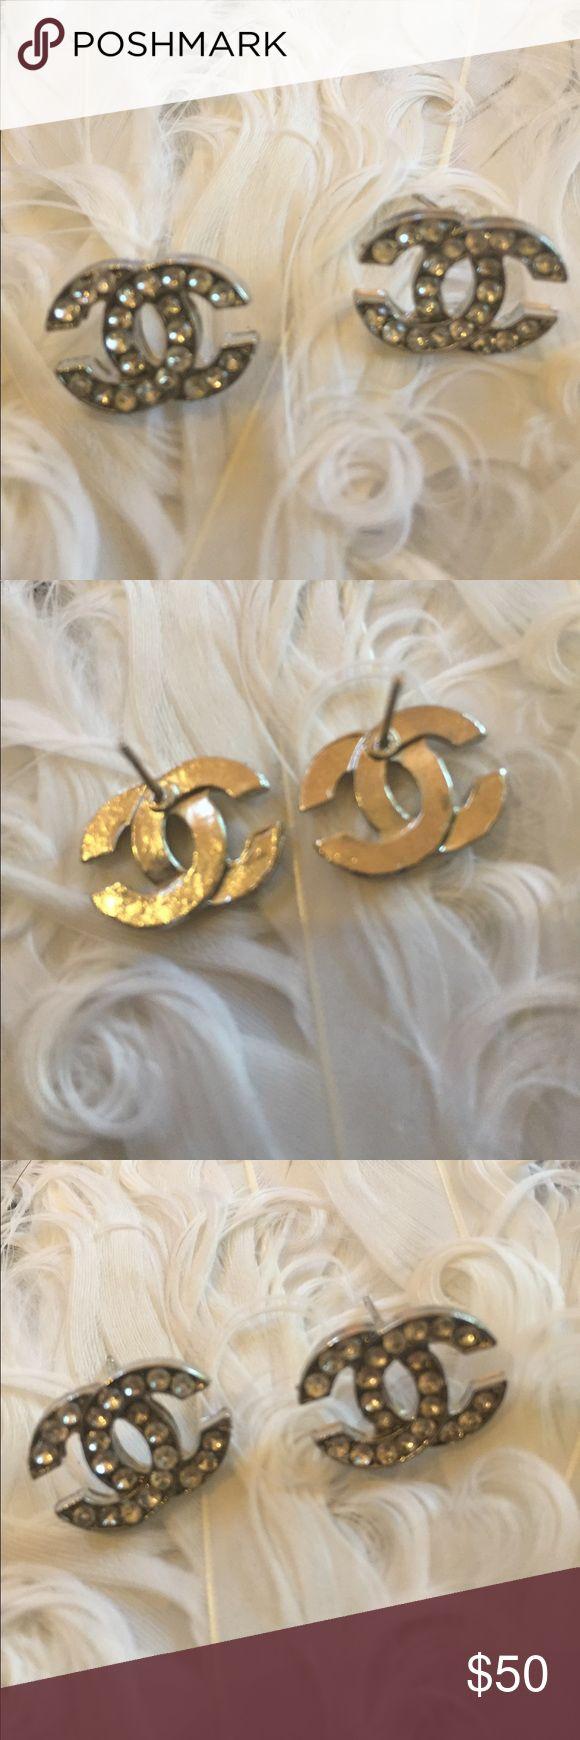 Vintage logo Swarovski rhinestone earrings Vintage logo Swarovski rhinestone earrings, dime size Vintage Jewelry Earrings